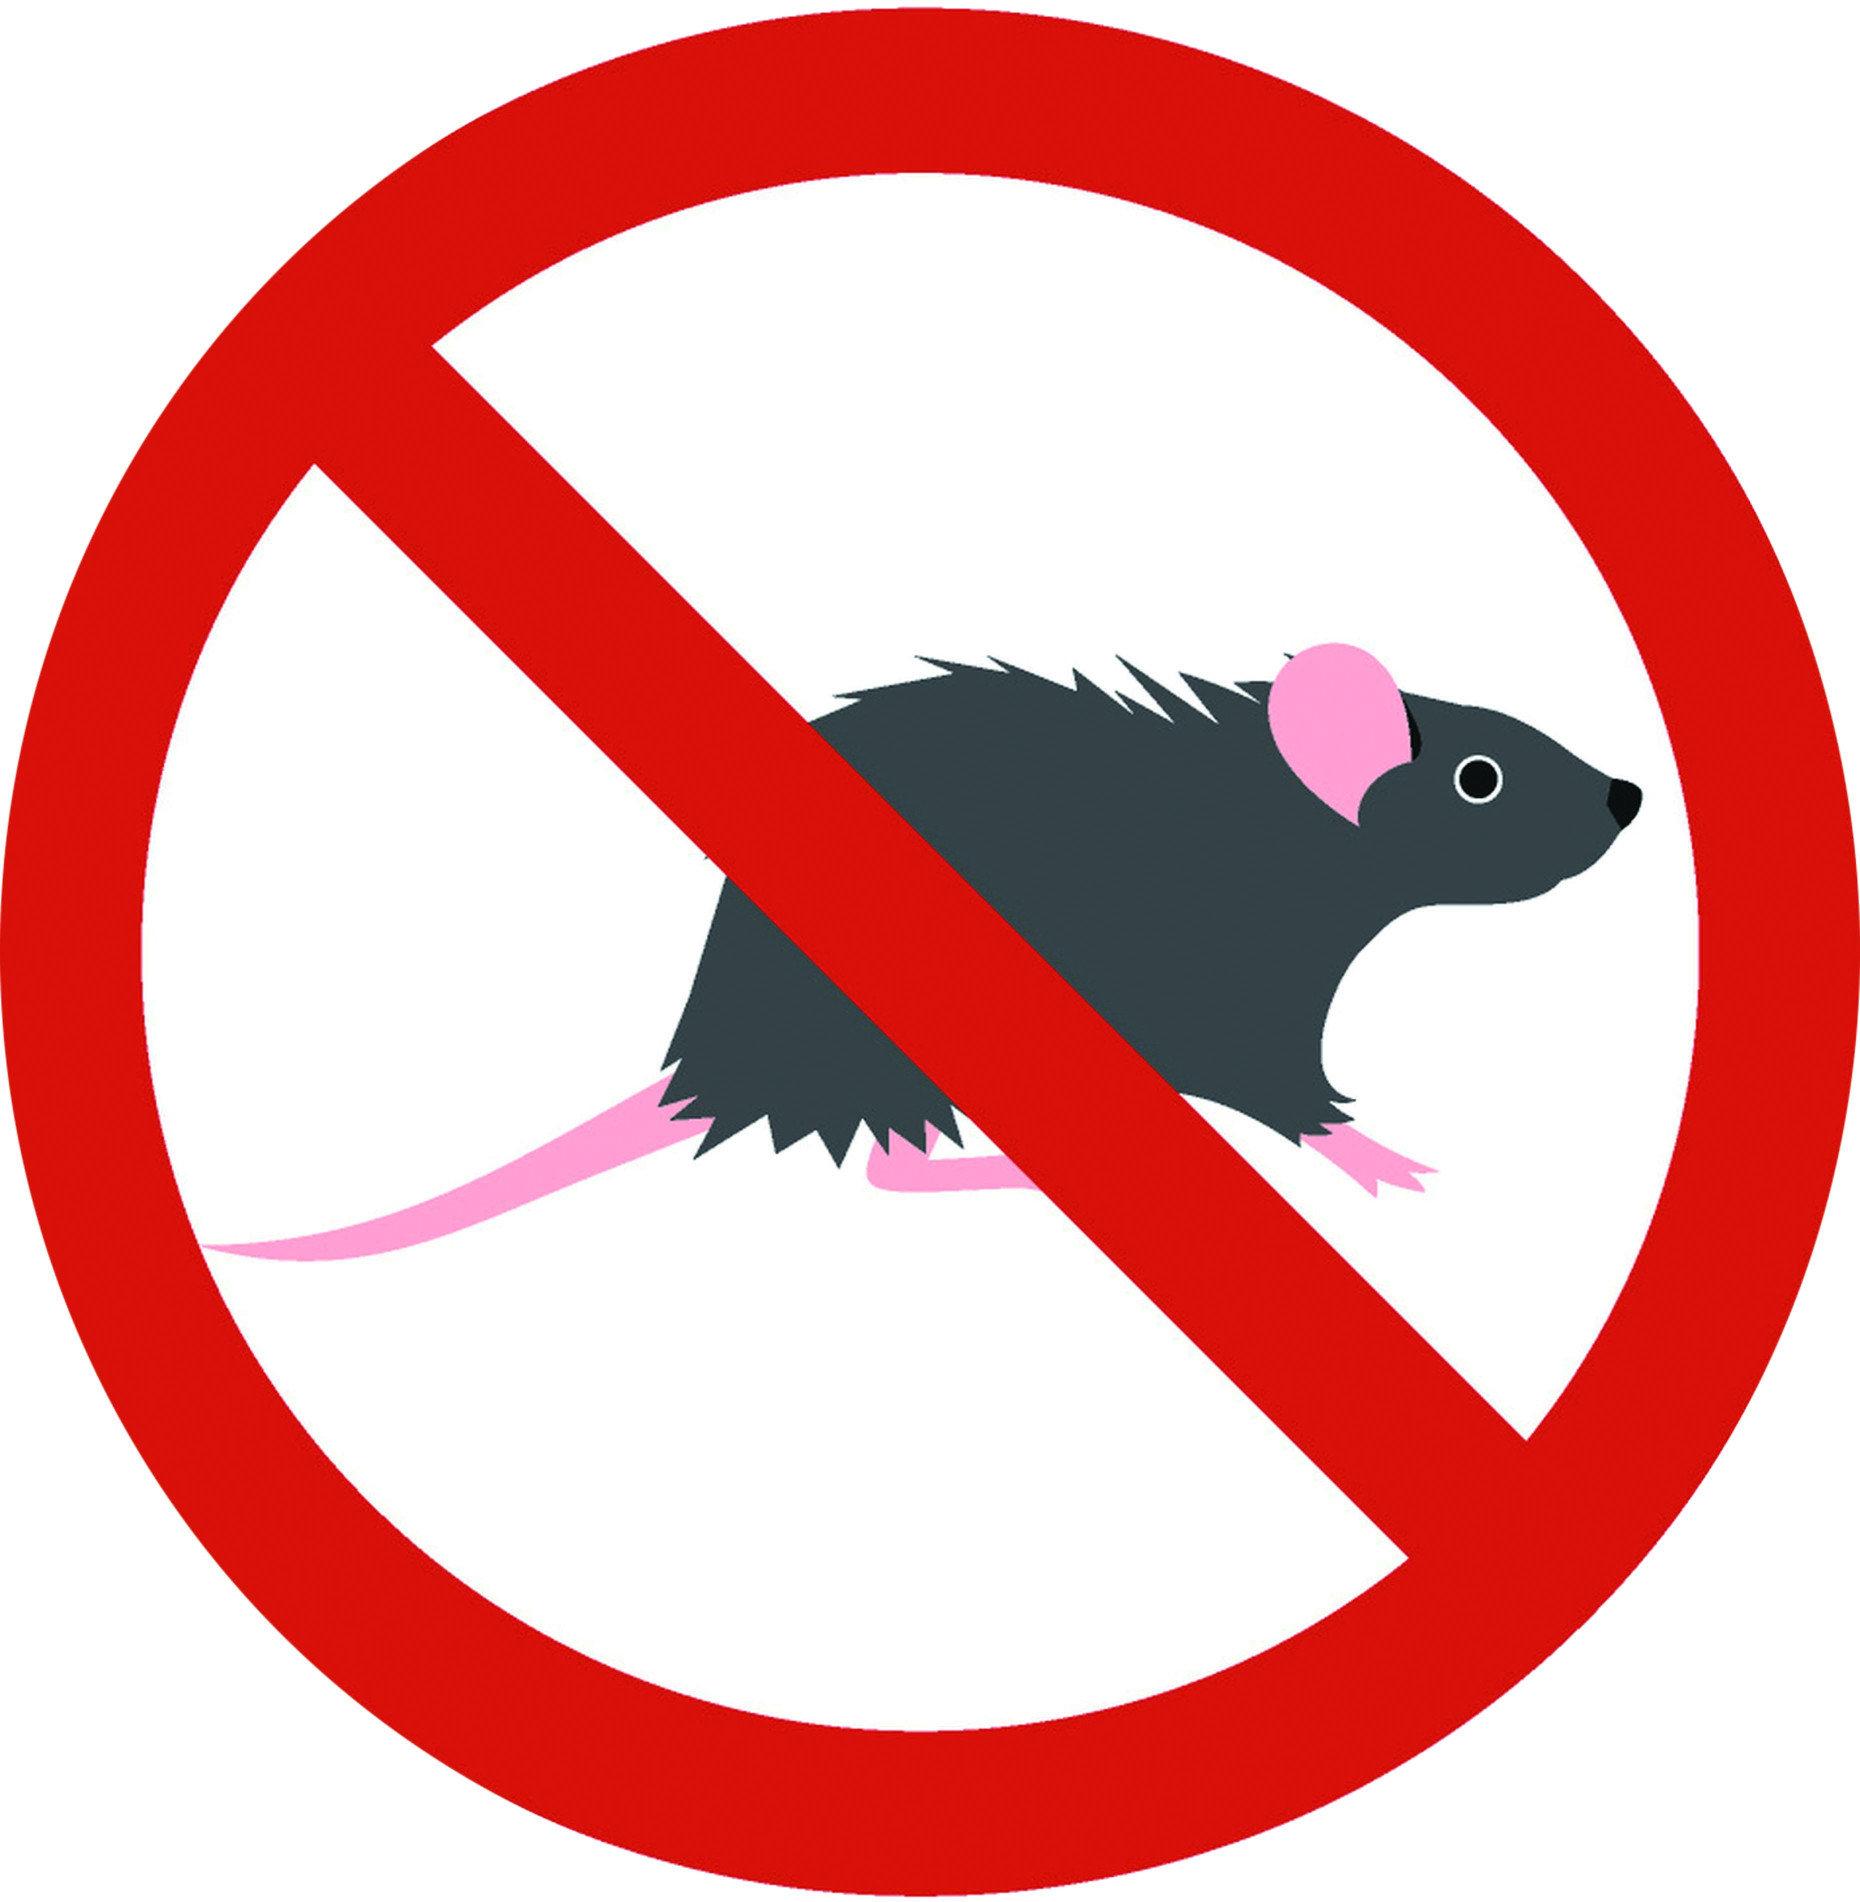 除了食物以外、牆壁、天花板、電線也會遭到老鼠啃咬